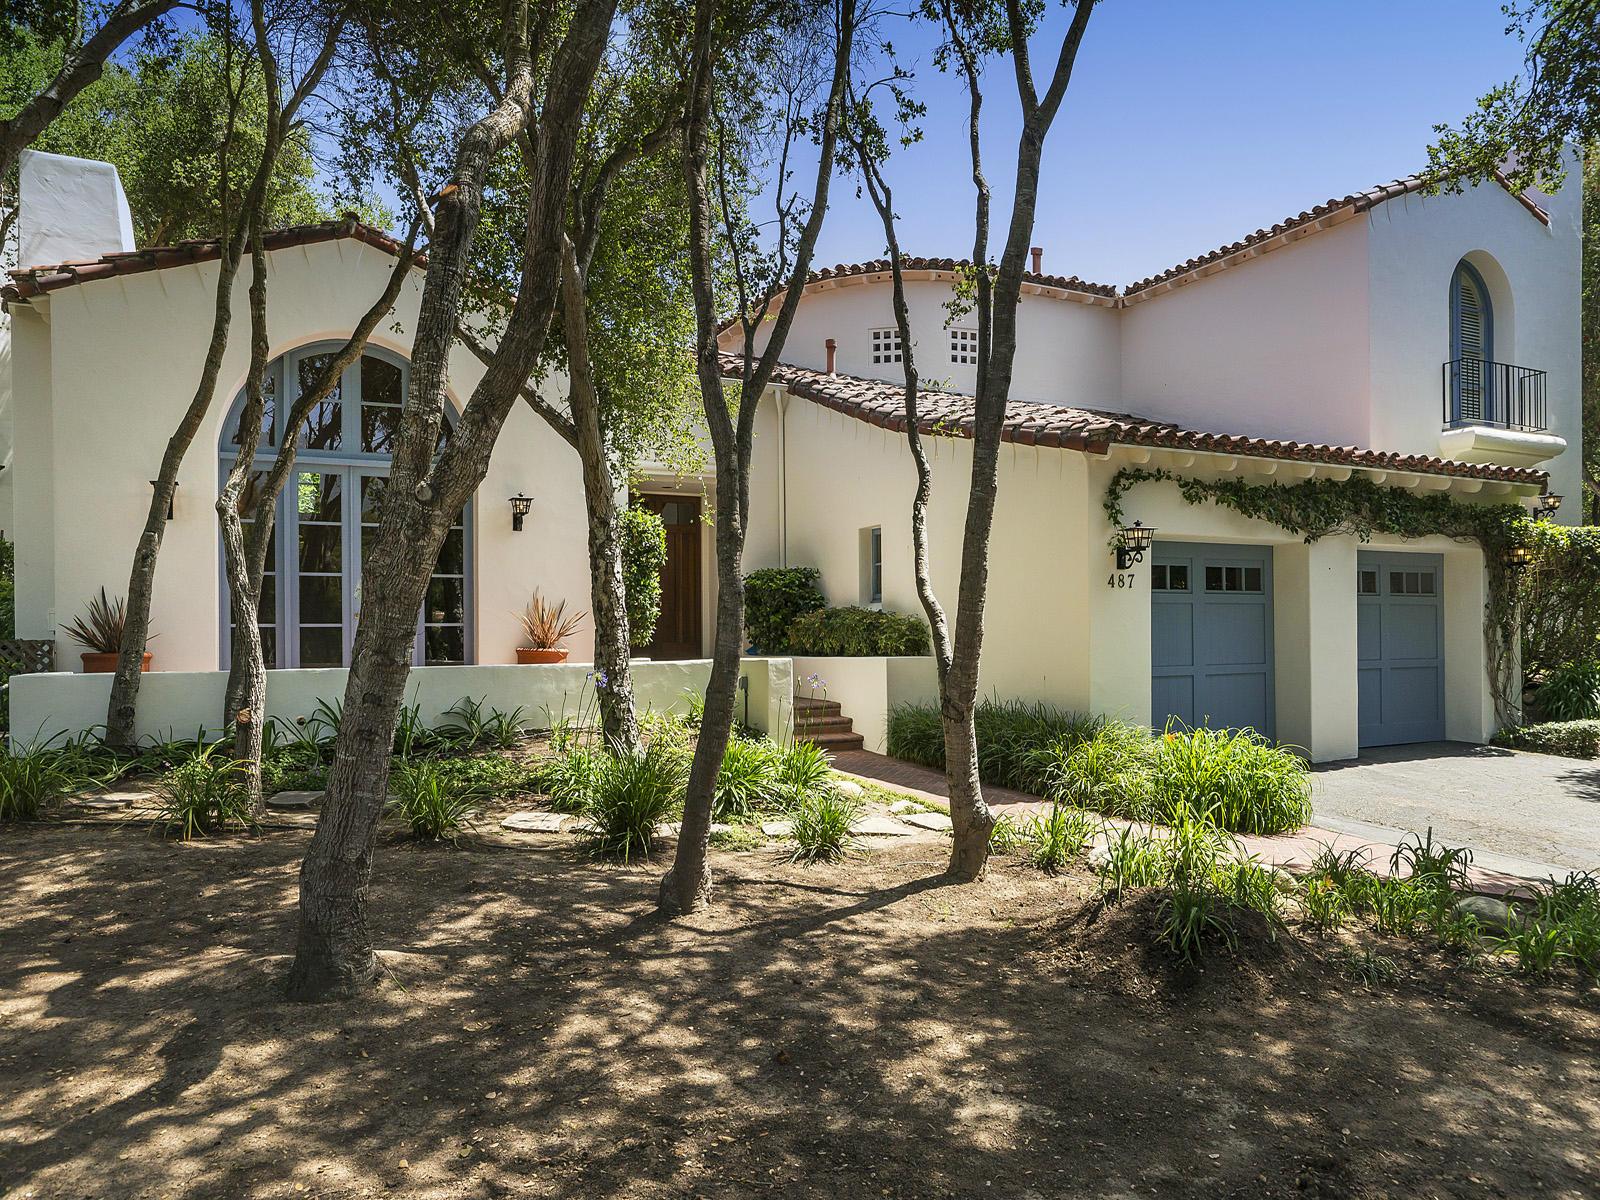 Property photo for 487 Monarch Ln Montecito, California 93108 - 13-1664